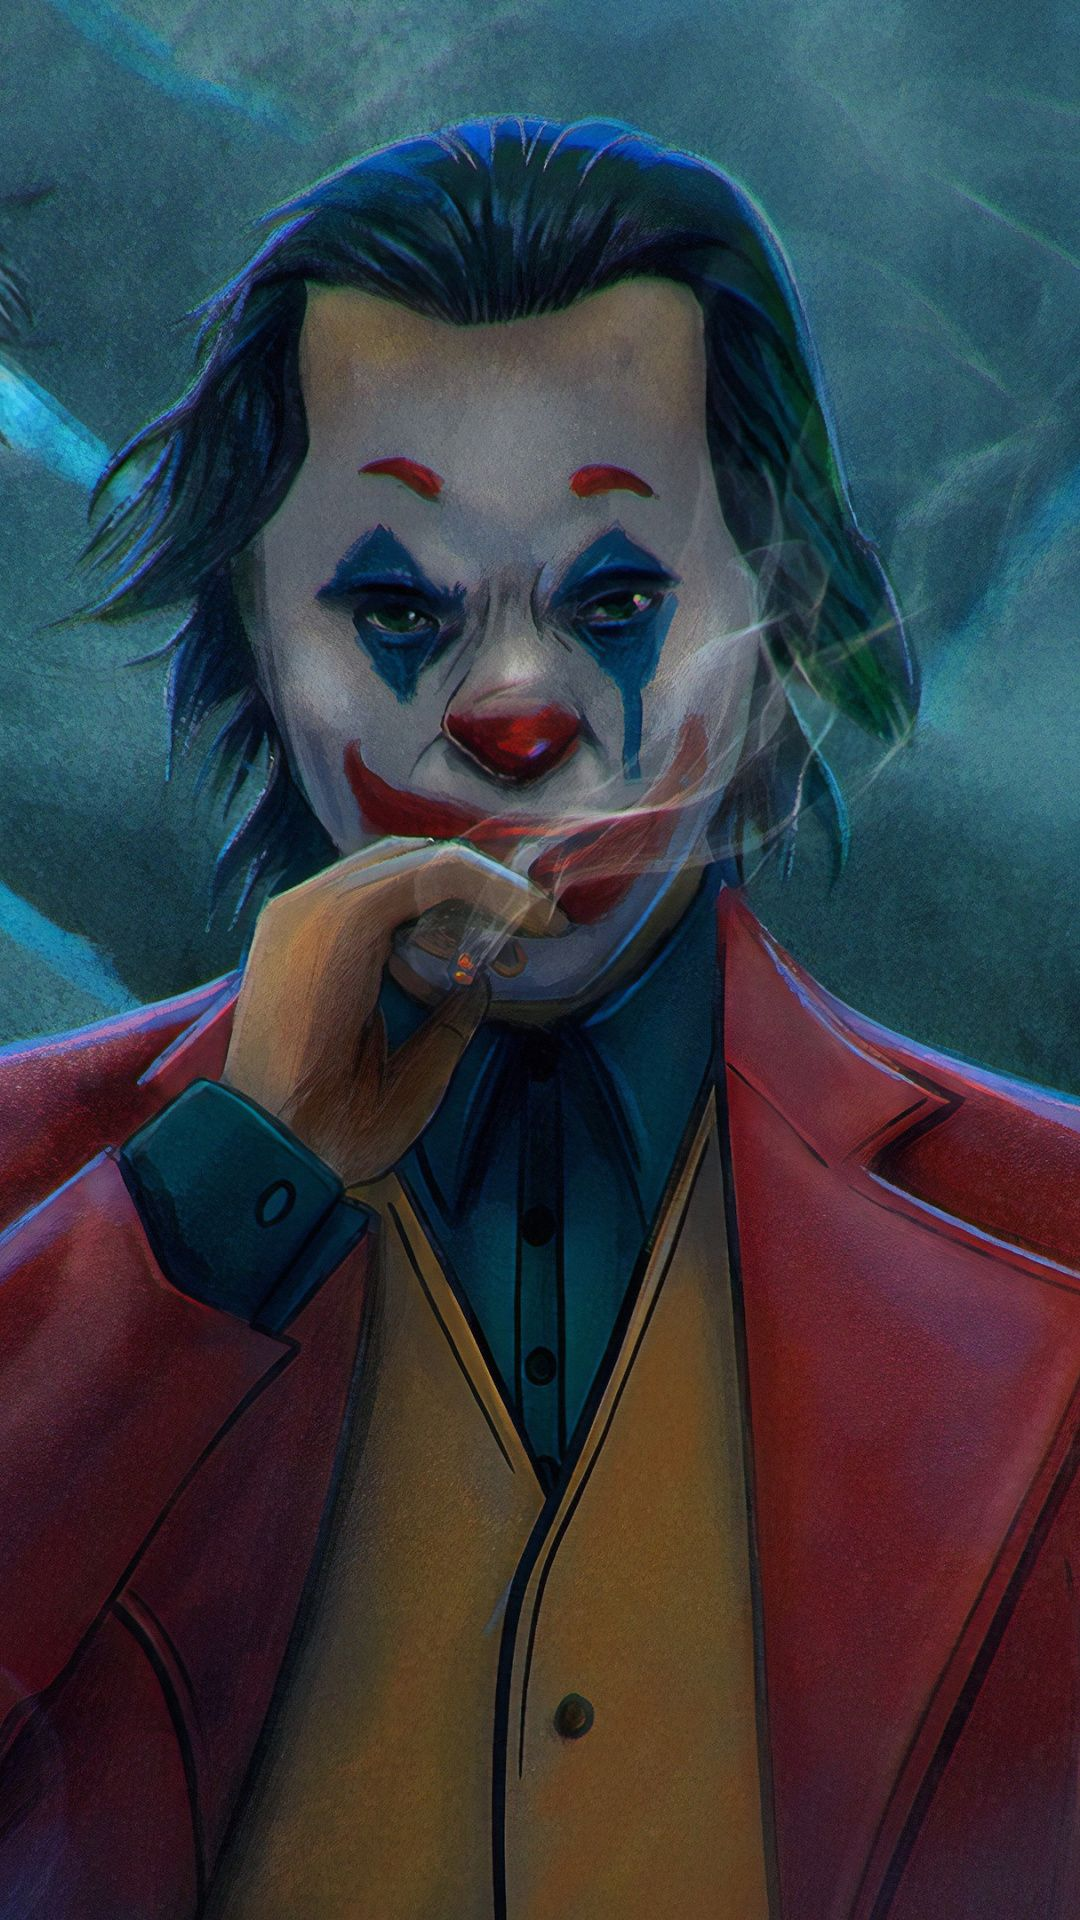 1080x1920 Clown, joker, fan artwork, 2019 wallpaper